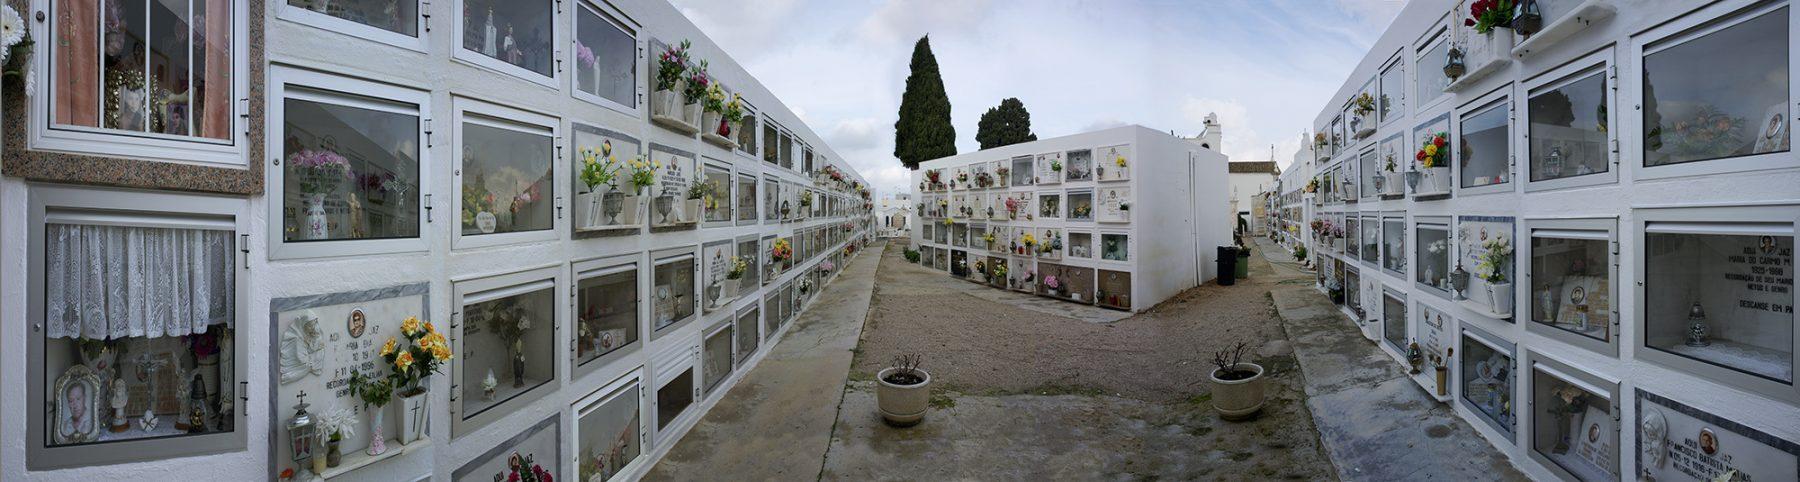 Fuseta Friedhof 3